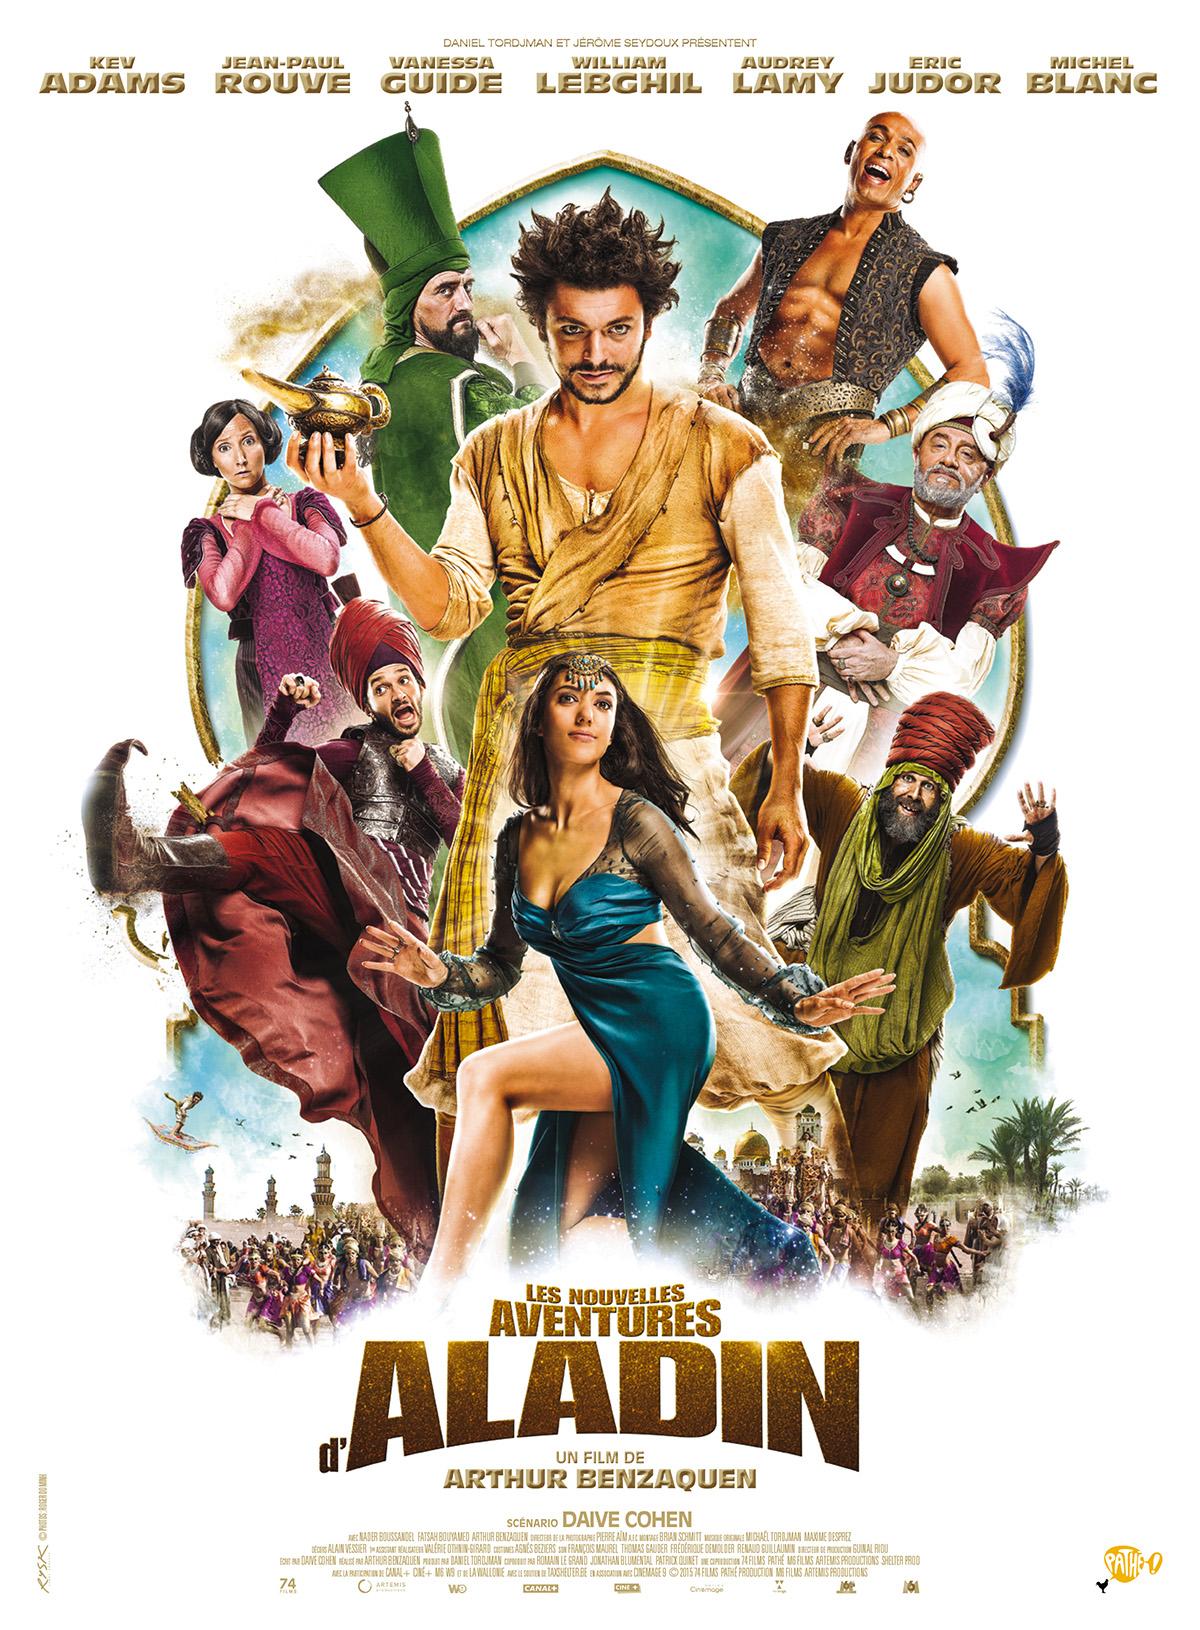 Les Nouvelles aventures d'Aladin FRENCH DVDRIP 2015